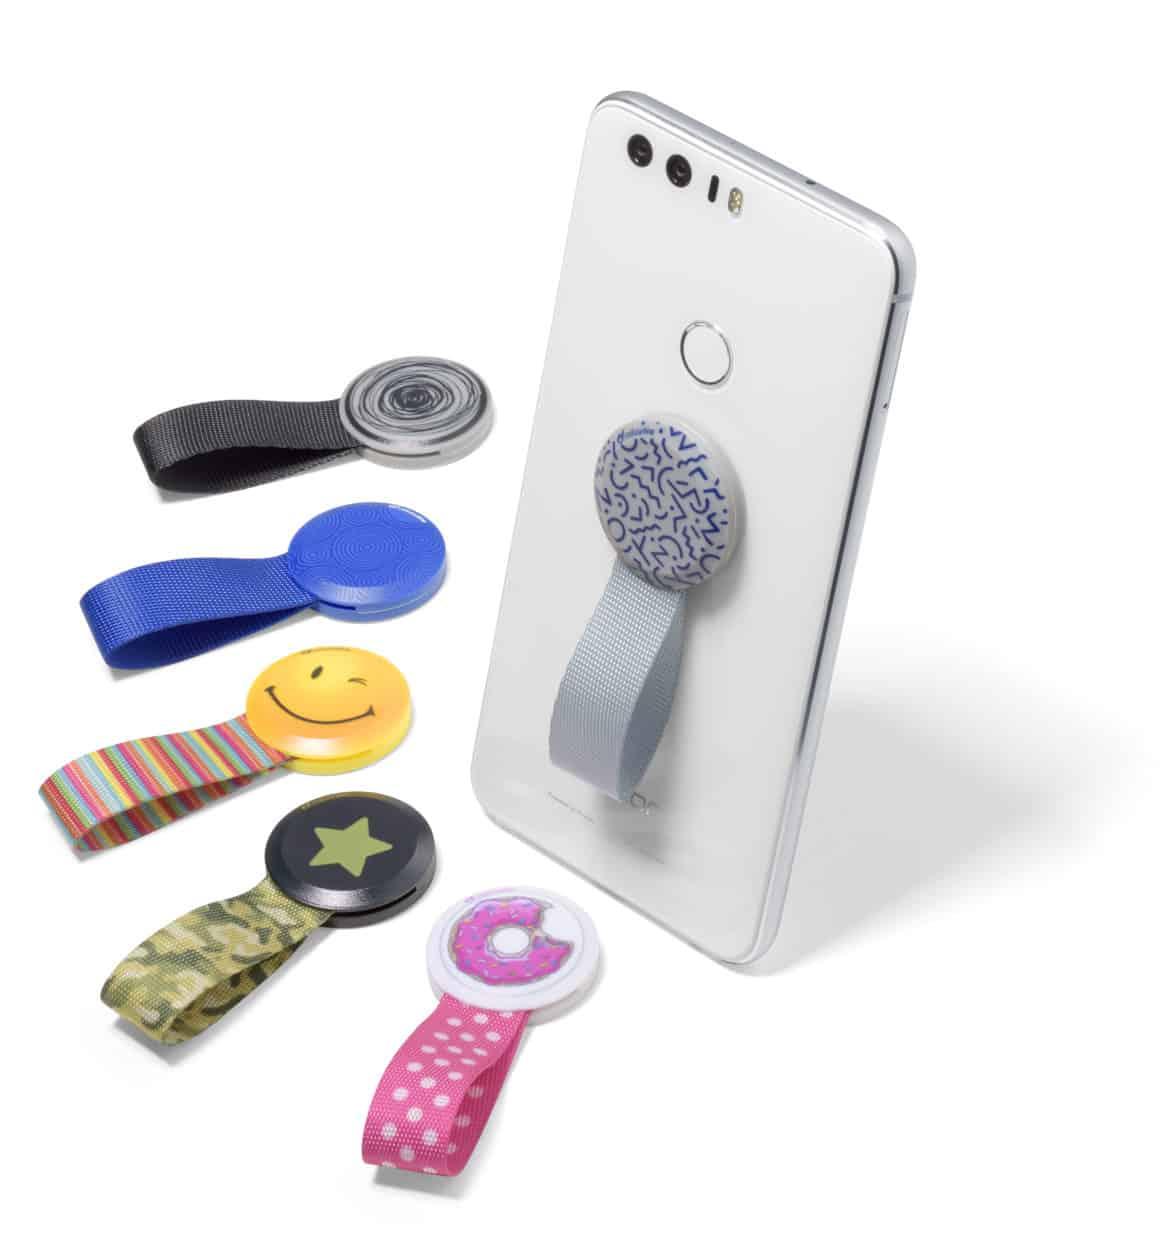 Fare un selfie è più facile con gli accessori Cellularline!